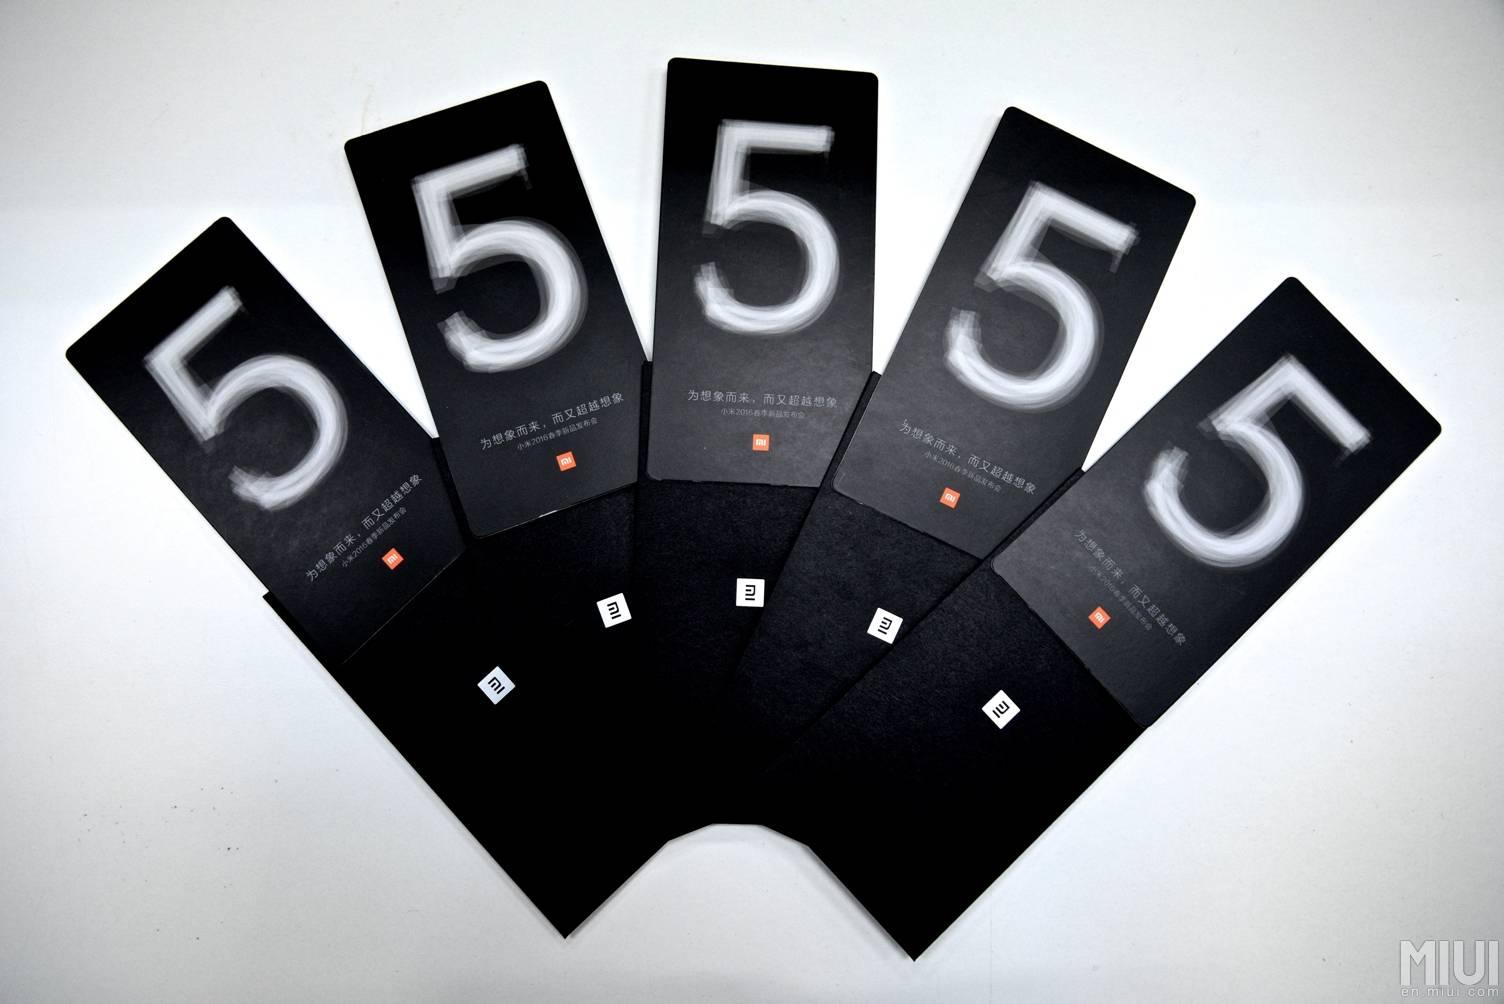 Xiaomi Mi 5 invitation 7